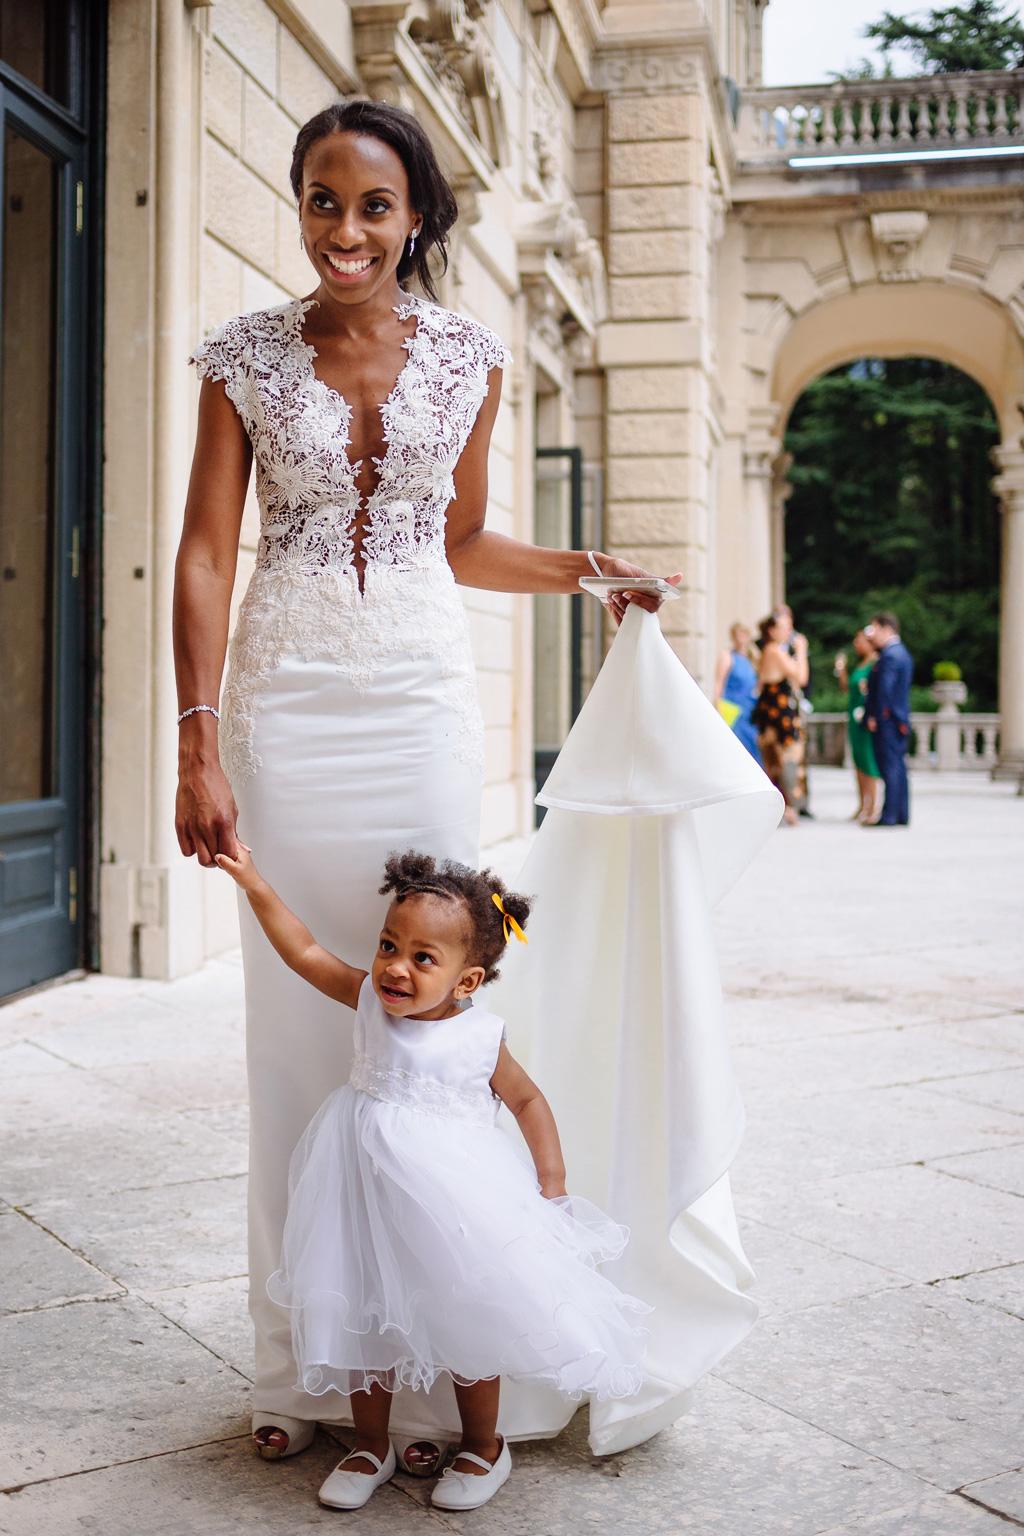 La sposa Ayesha è in dolce compagnia di una bambina